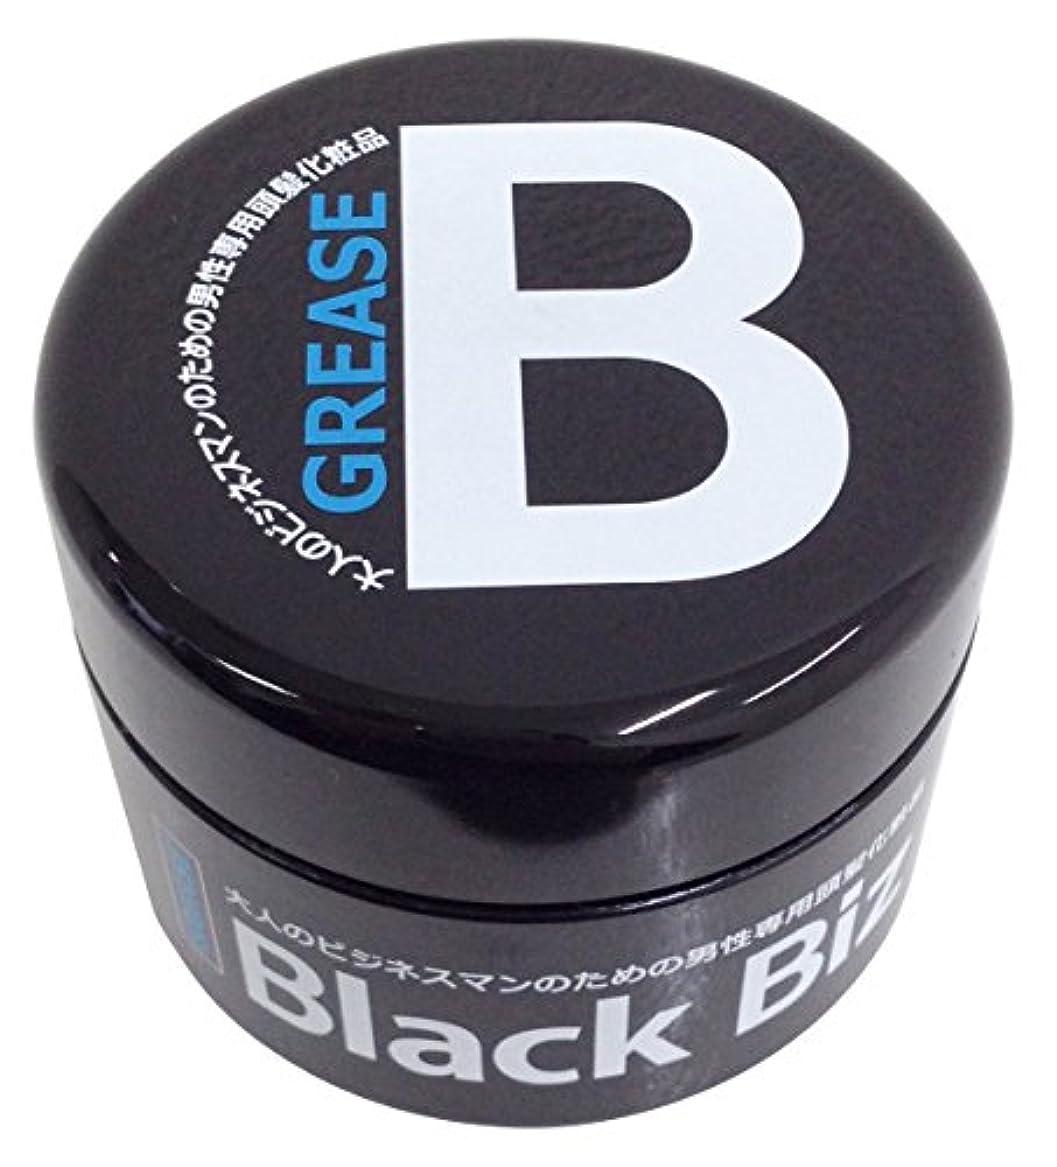 バンジージャンプシーズンスピーチ大人のビジネスマンのための男性専用頭髪化粧品 BlackBiz GREASE SOFT ブラックビズ グリース ソフト